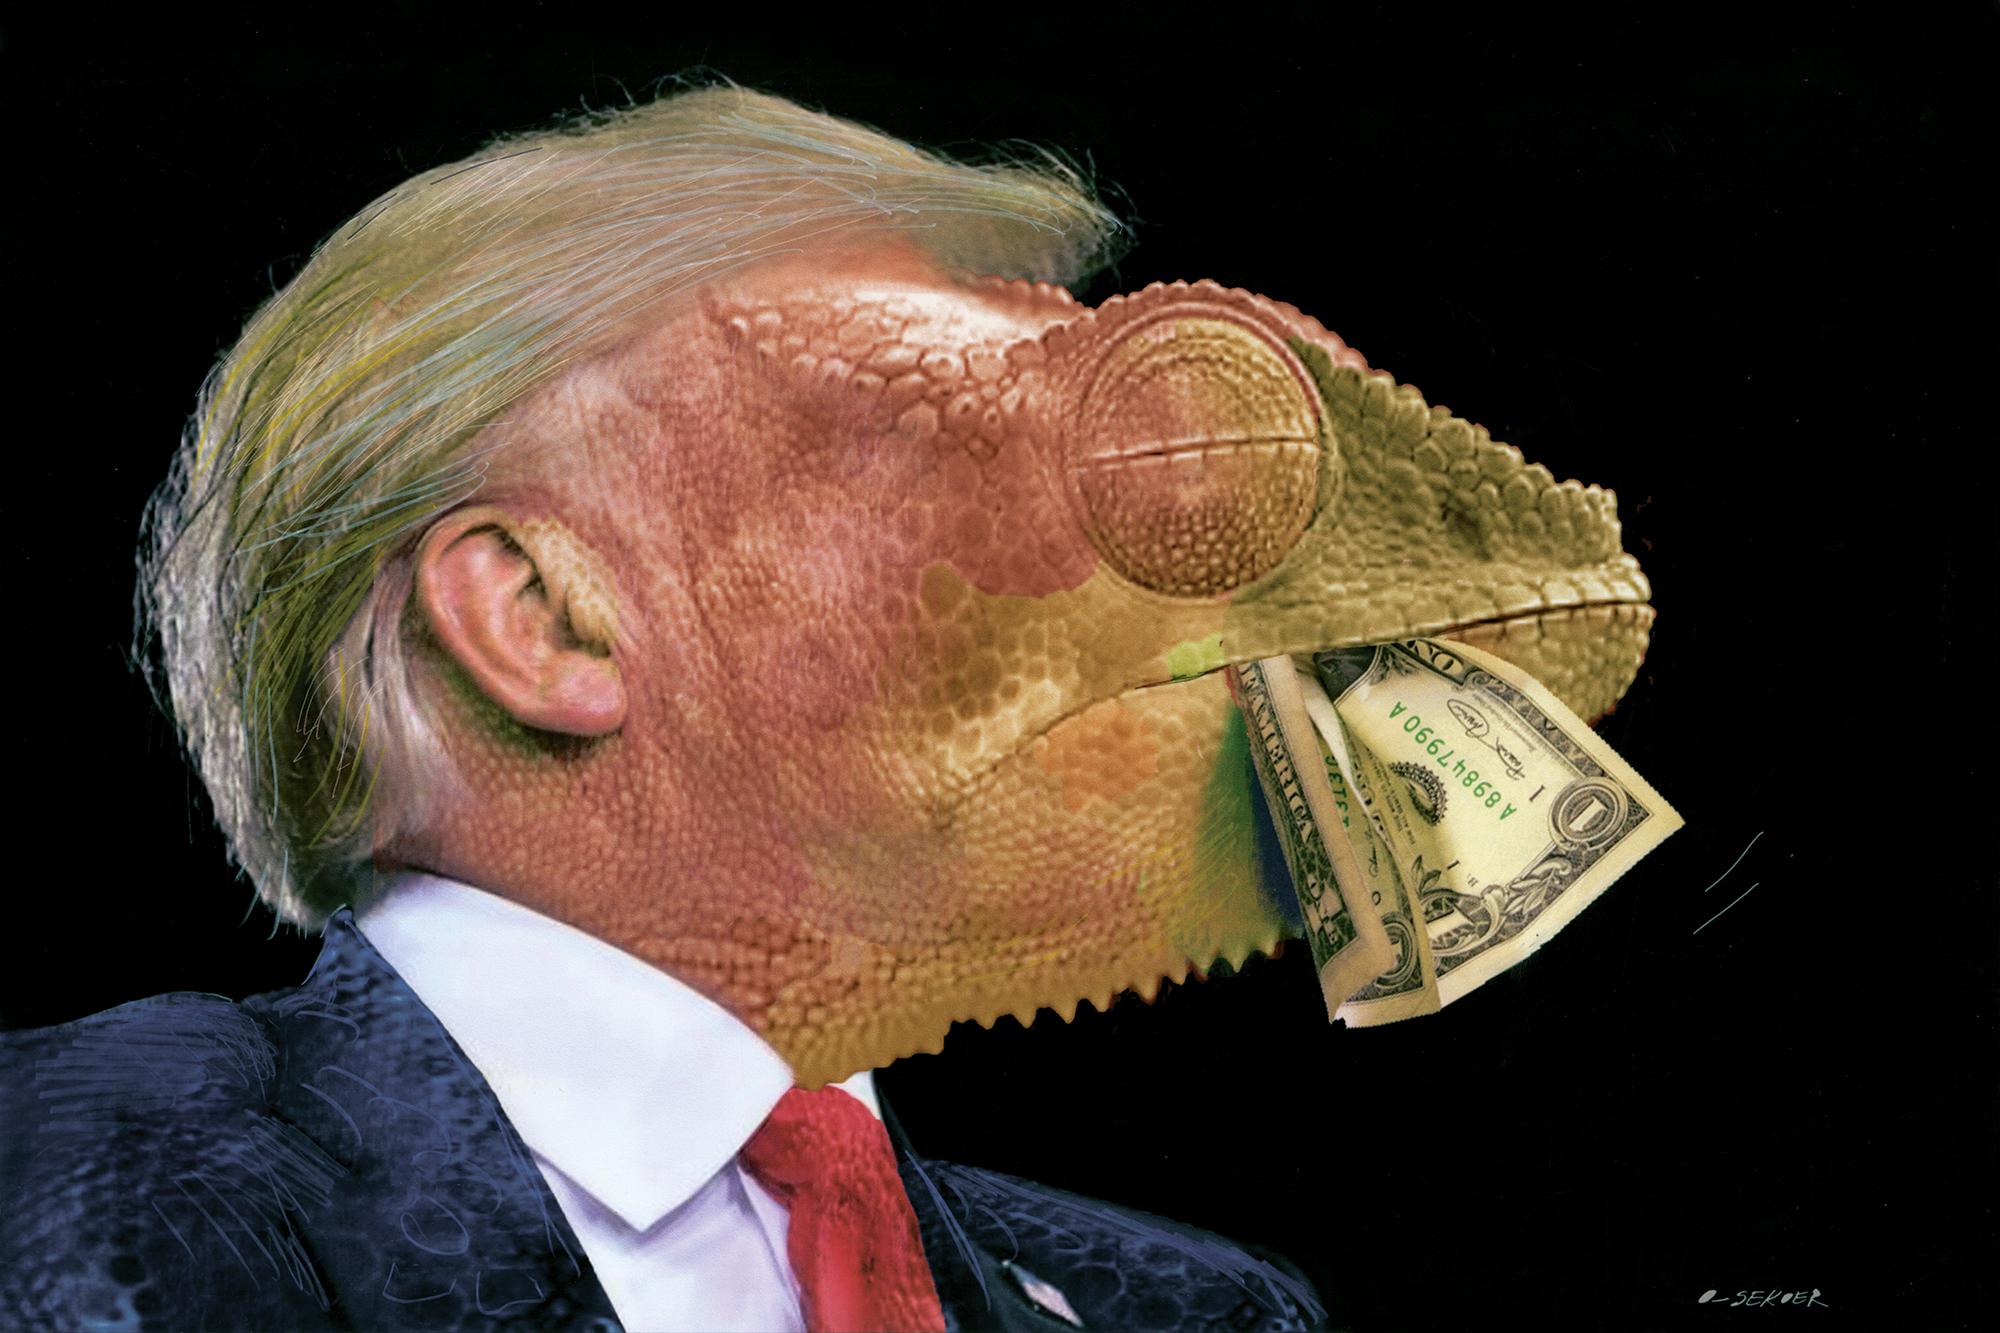 Desenho De Donald Trump Com Feicoes De Camaleao E O Vencedor Do